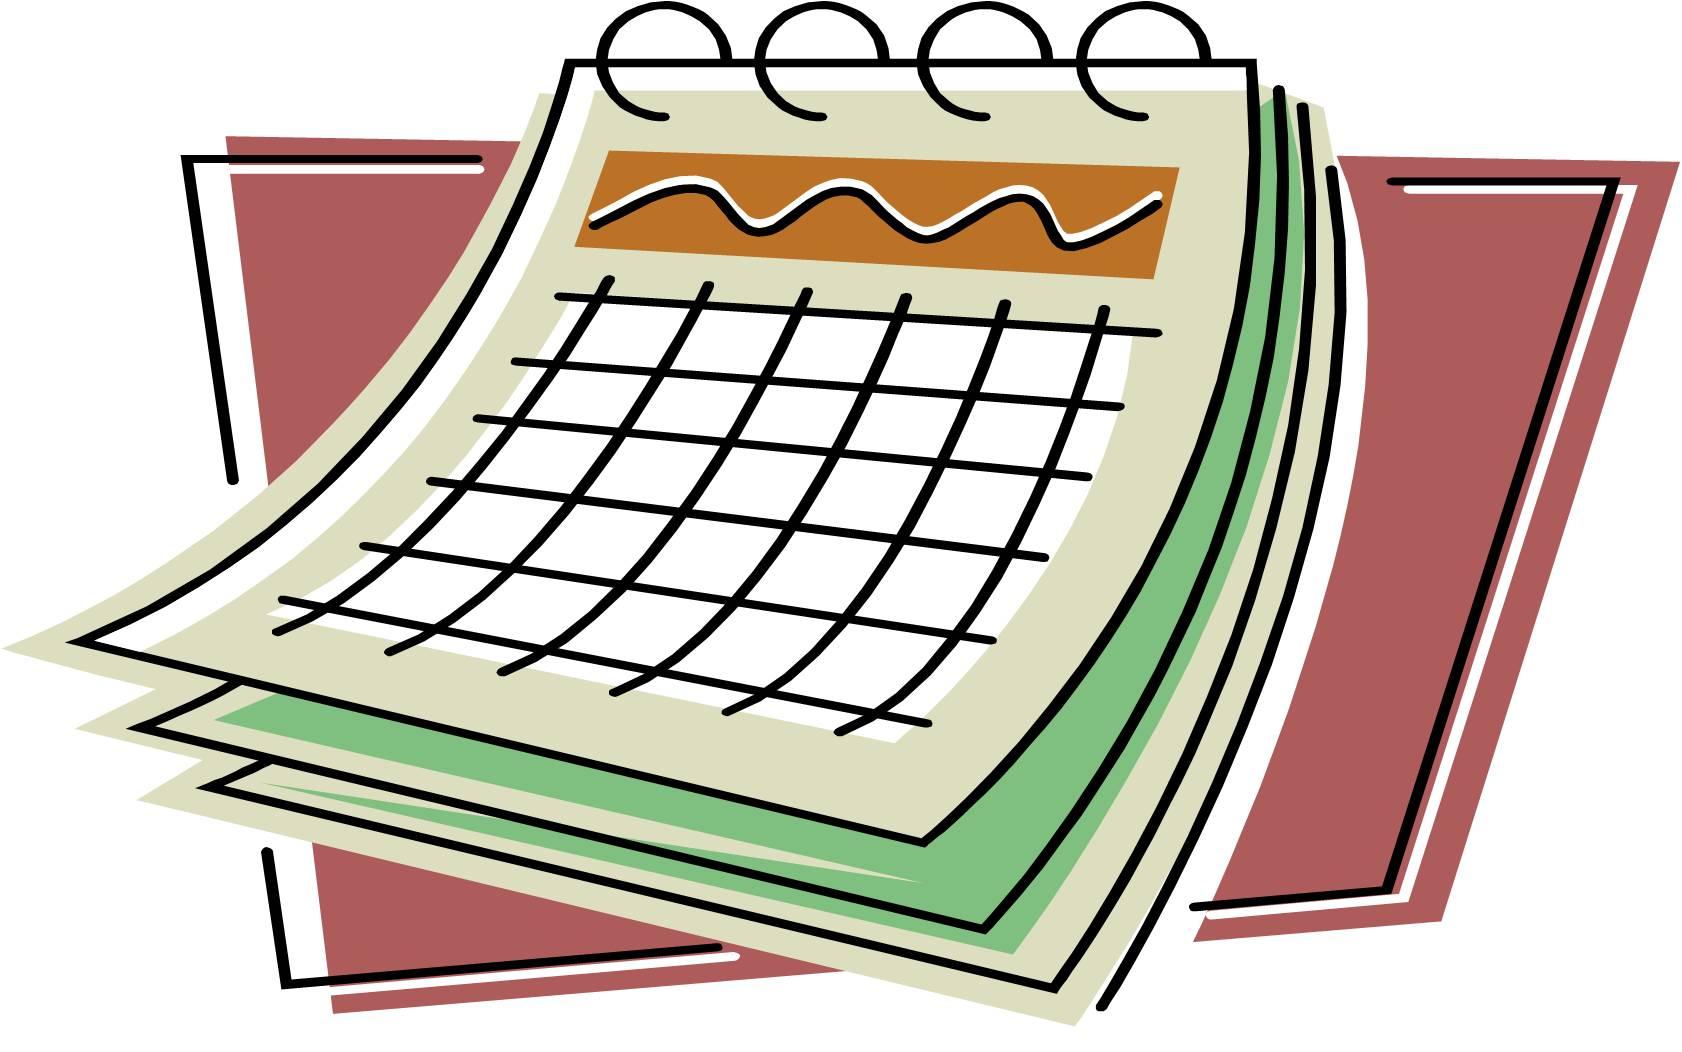 hight resolution of calendar clipart